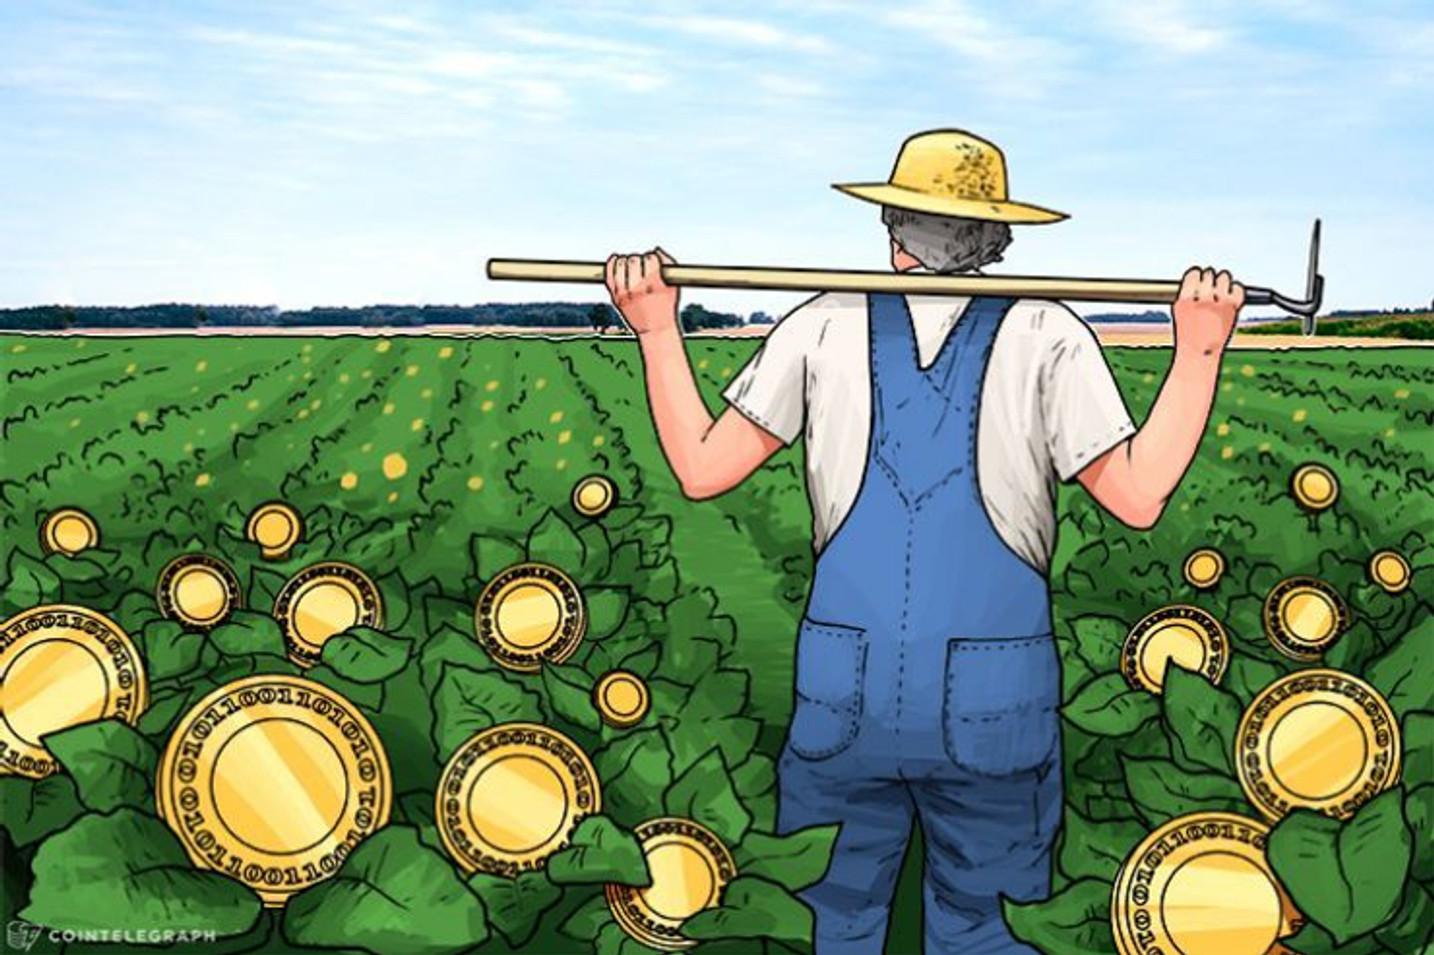 S4 e IBM apoyarán la cadena de suministro agrícola con acceso a datos climáticos, IA y Blockchain